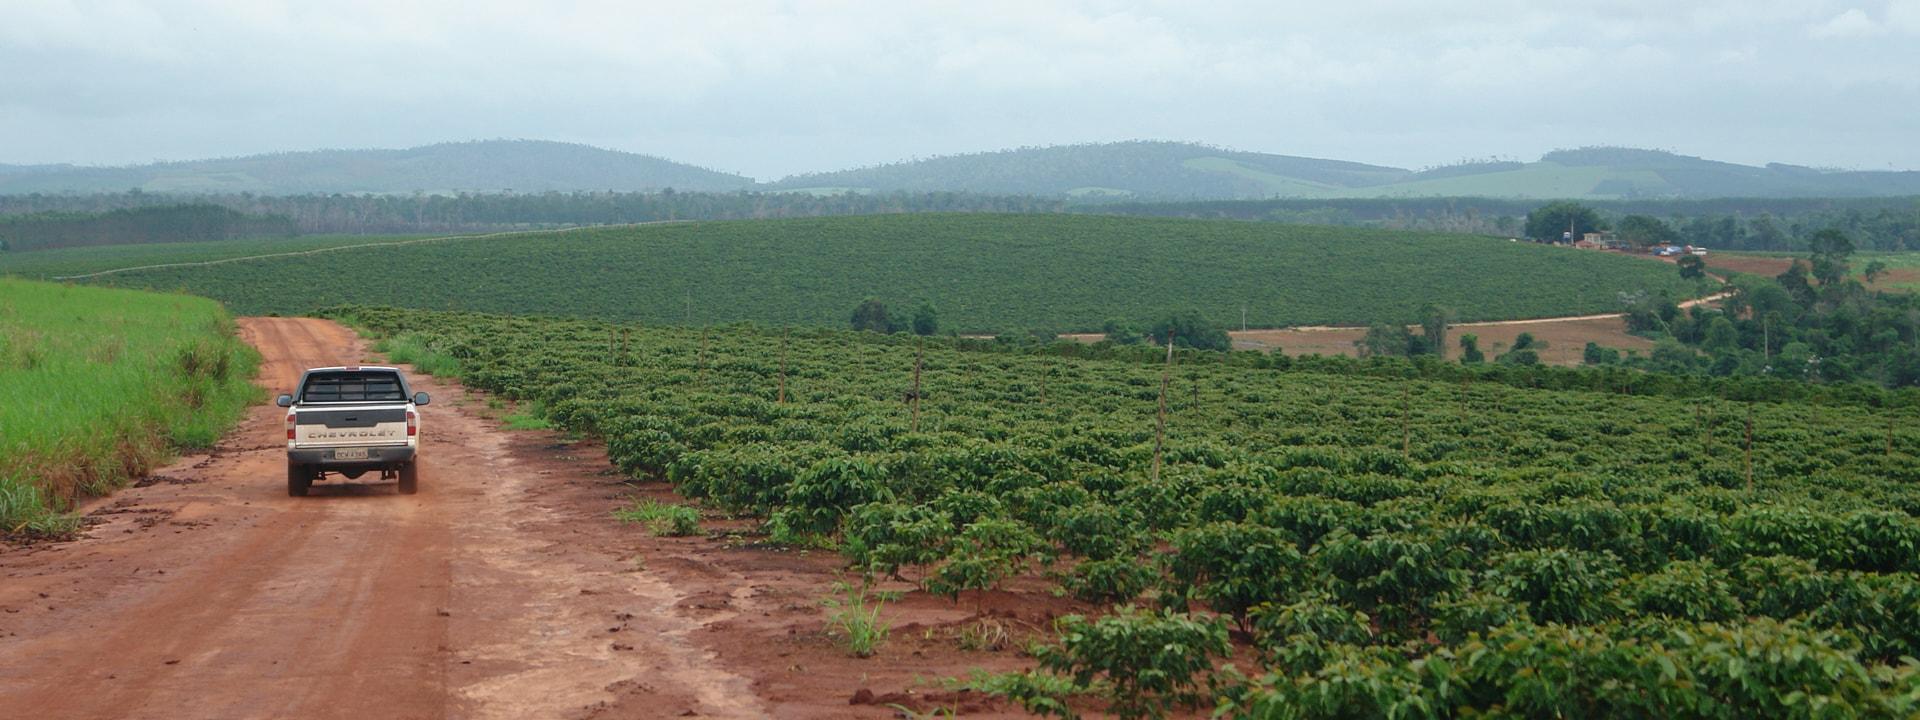 Beeraha kafeega ee Jaguare, gobolka Espirito Santo ee Brazil